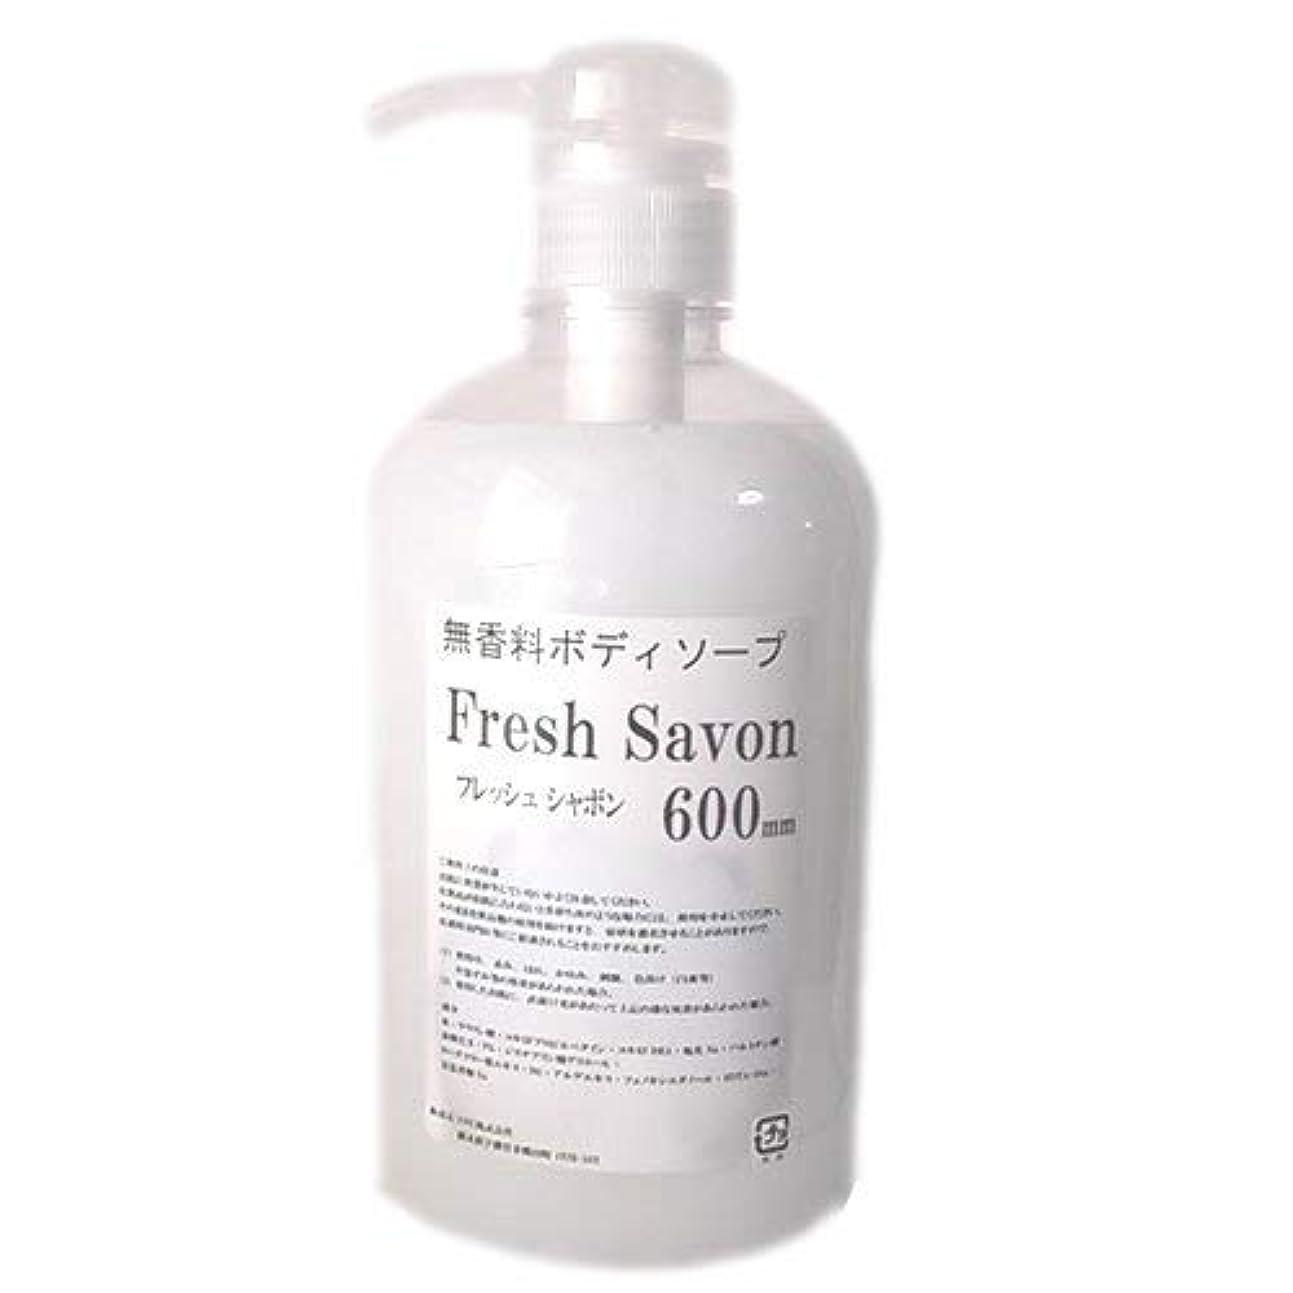 ホスト船上家具無香料ボディソープ フレッシュシャボン 600mL 香りが残らないタイプ (3本セット)